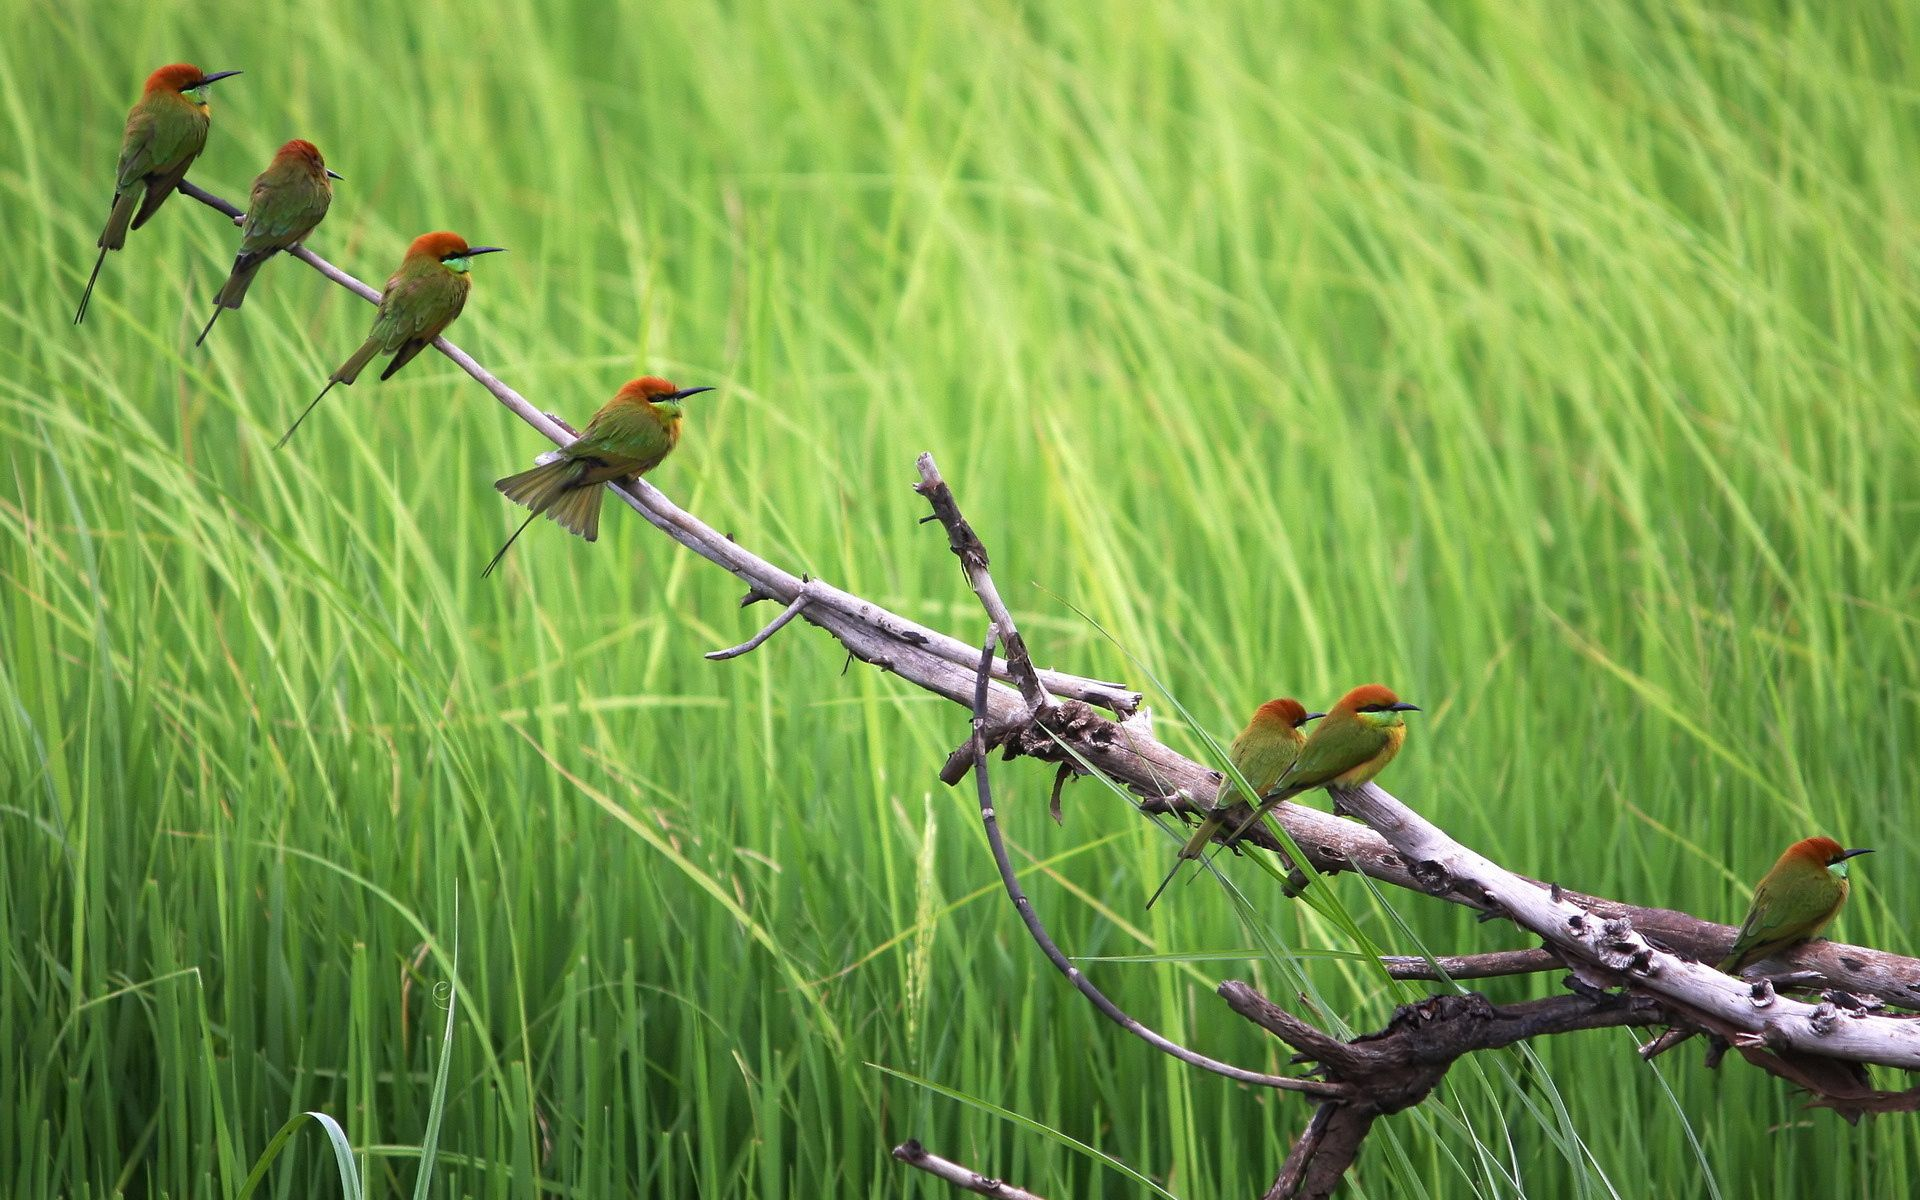 101608 Hintergrundbild 540x960 kostenlos auf deinem Handy, lade Bilder Tiere, Vögel, Grass, Holz, Sitzen, Baum, Farbe, Ast, Zweig, Herde 540x960 auf dein Handy herunter